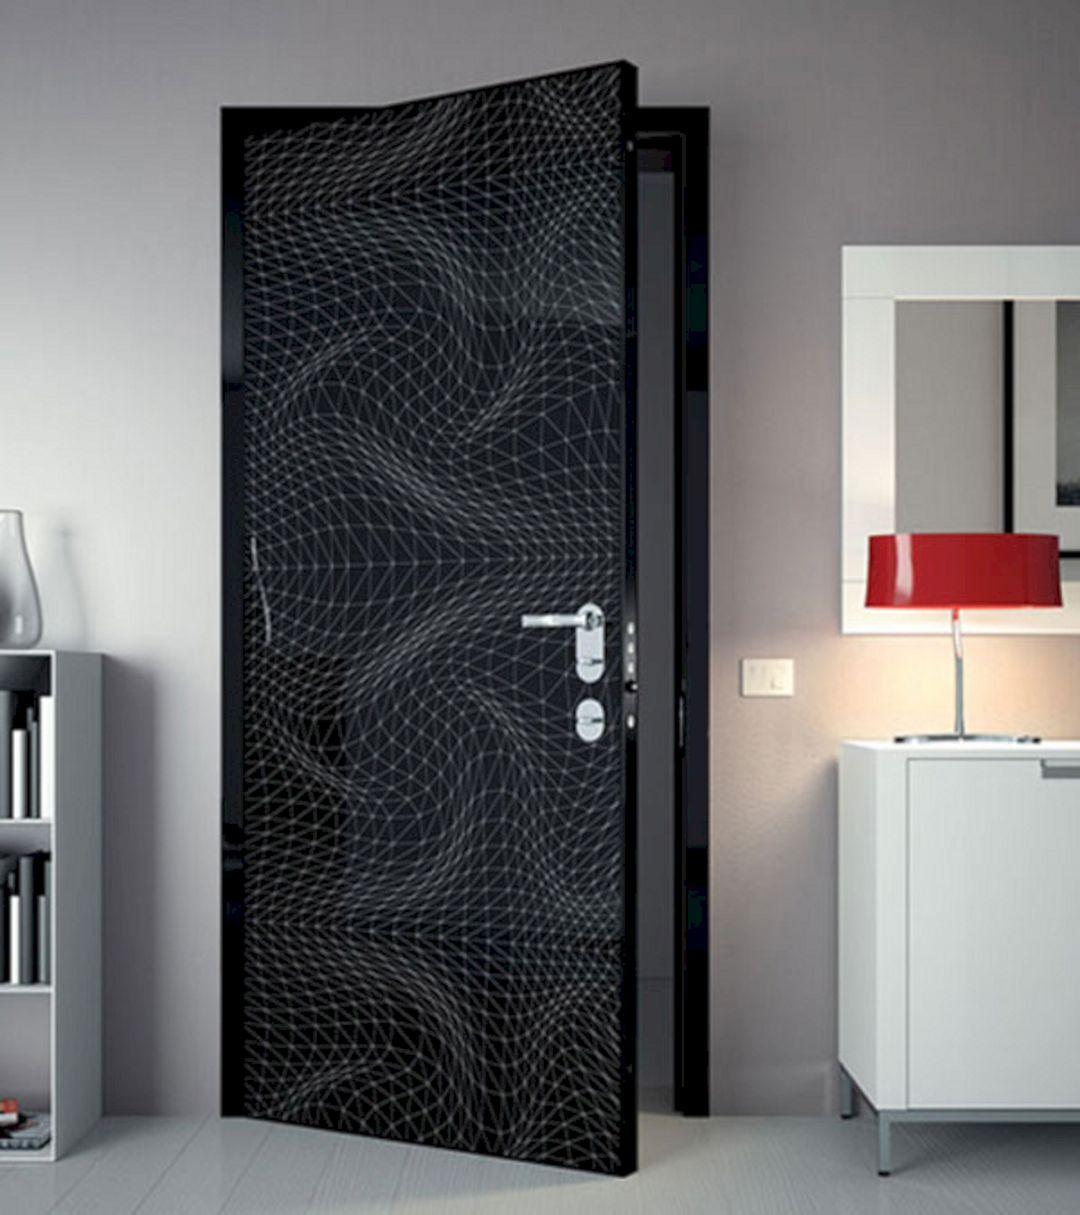 Modern Door Design & 25+ Super Creative Door Designs Ideas To Beautify Your Home Views ...